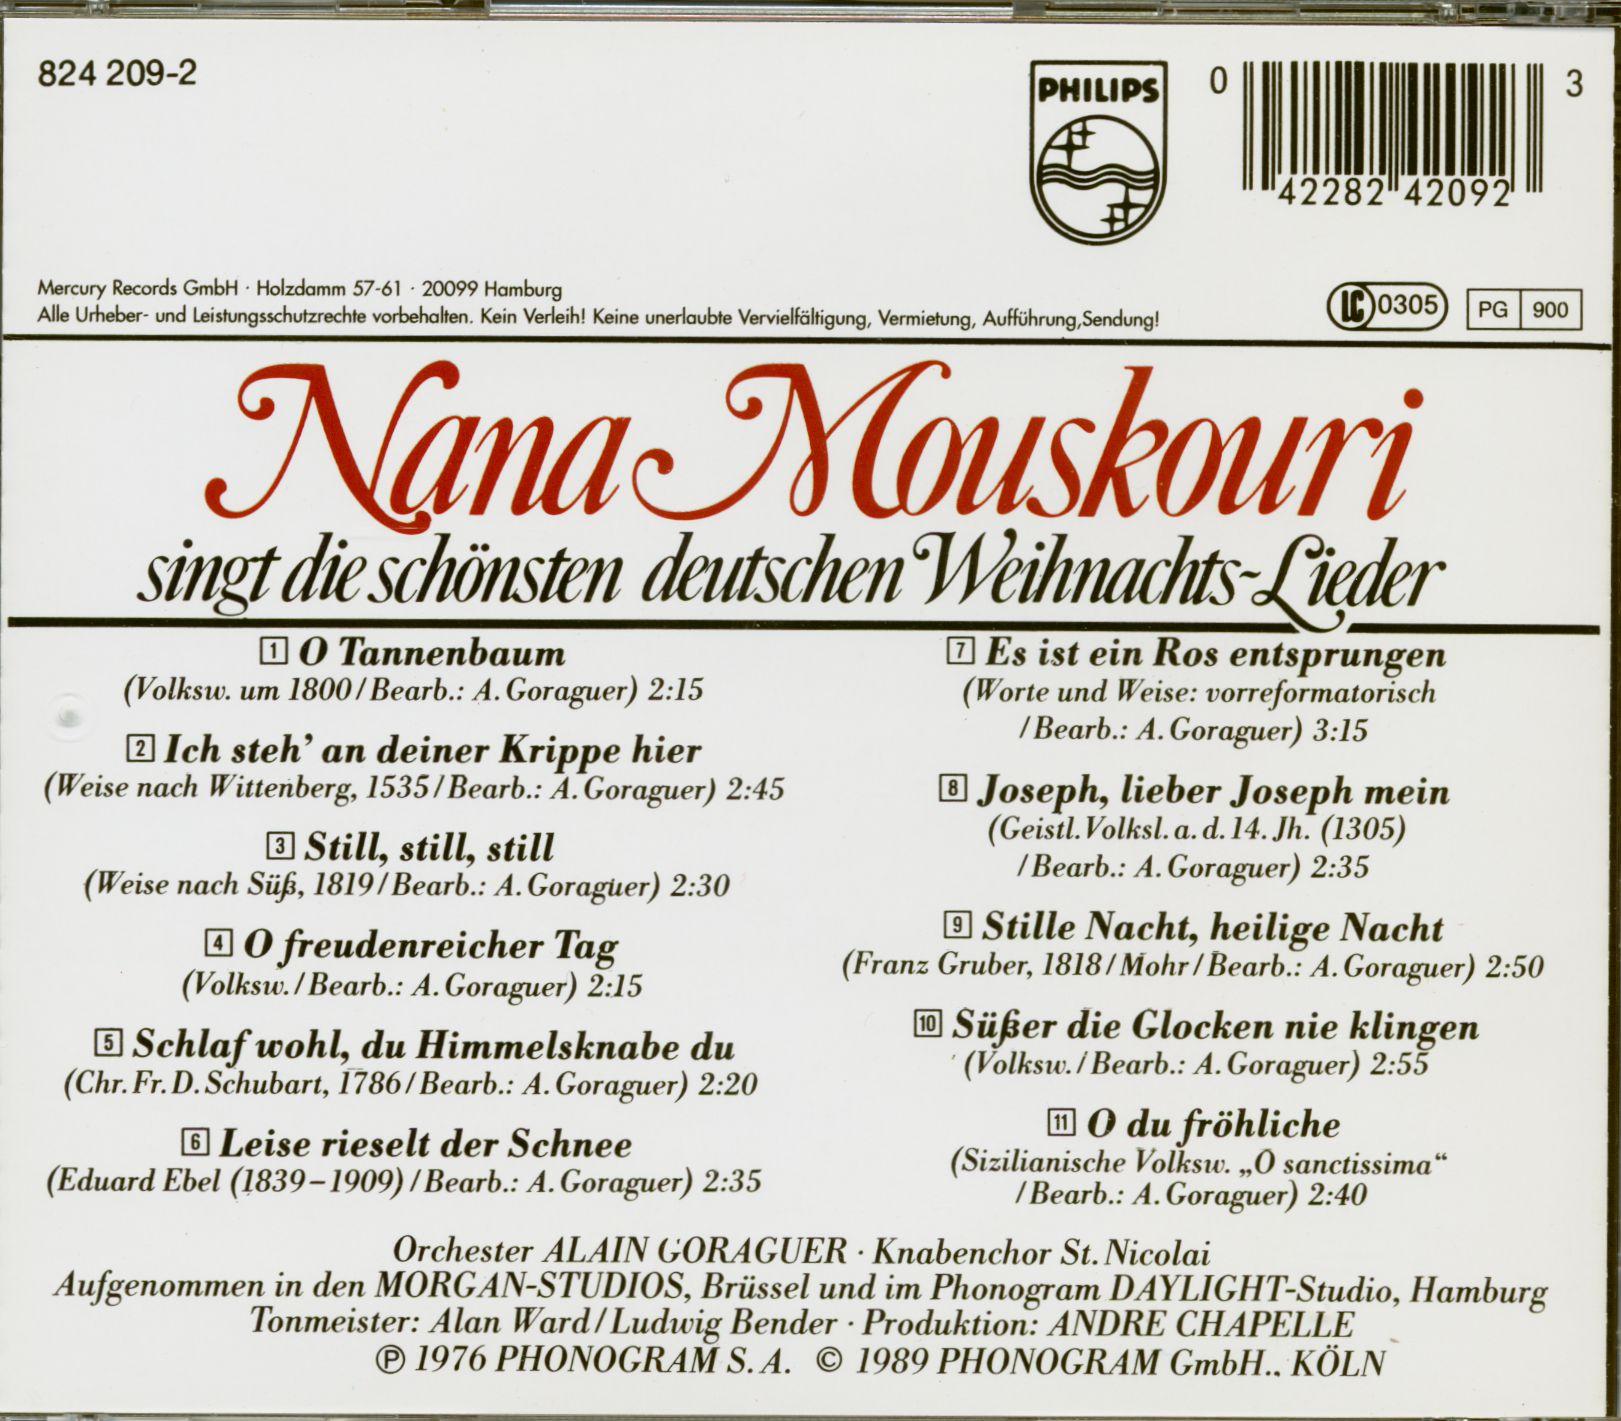 Die Schönsten Deutsche Weihnachtslieder.Nana Mouskouri Singt Die Schönsten Deutschen Weihnachtslieder Cd